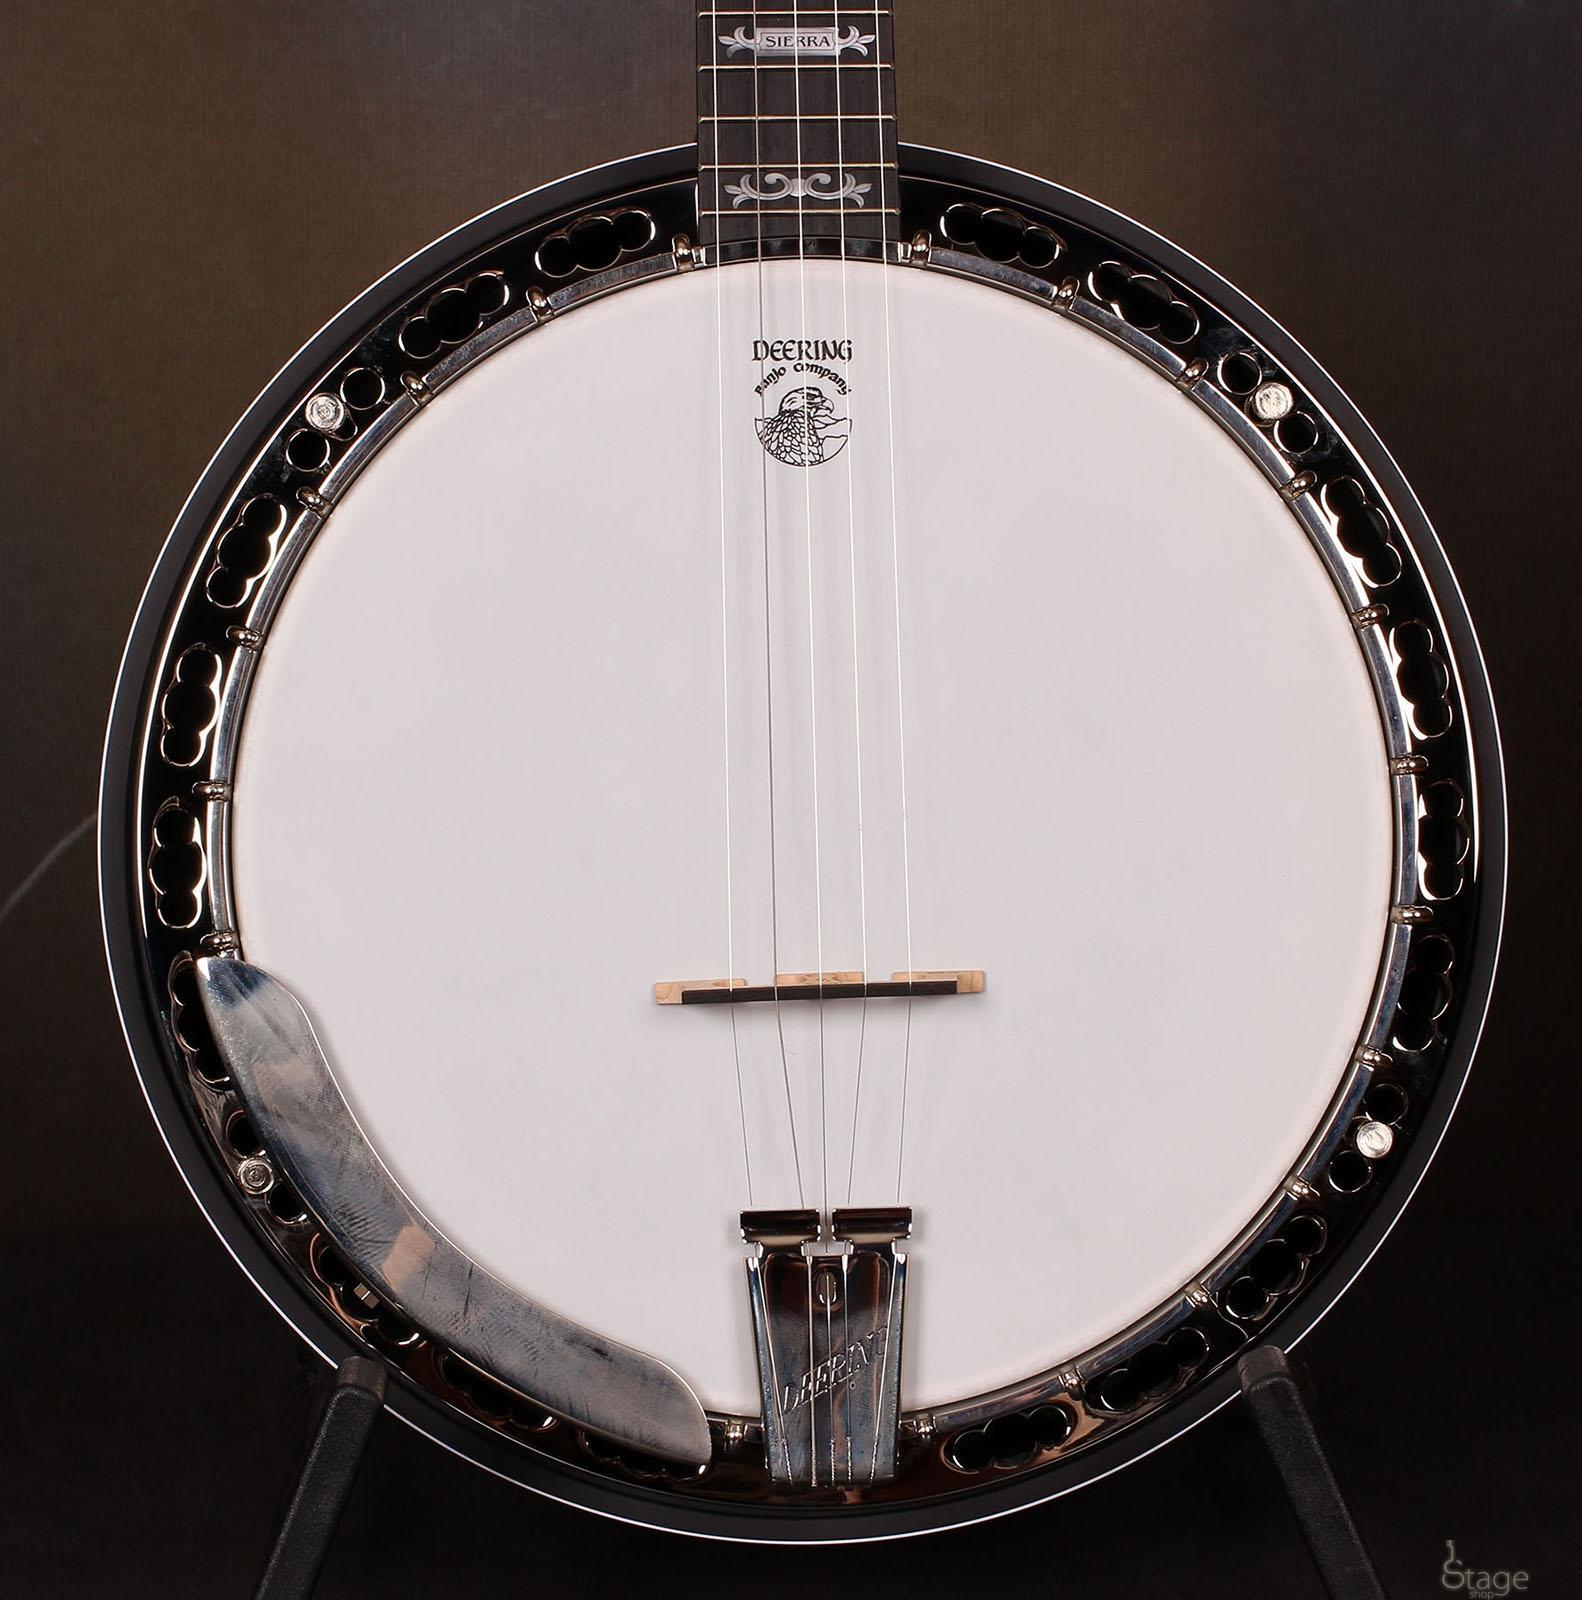 Deering Sierra 5 strings banjo